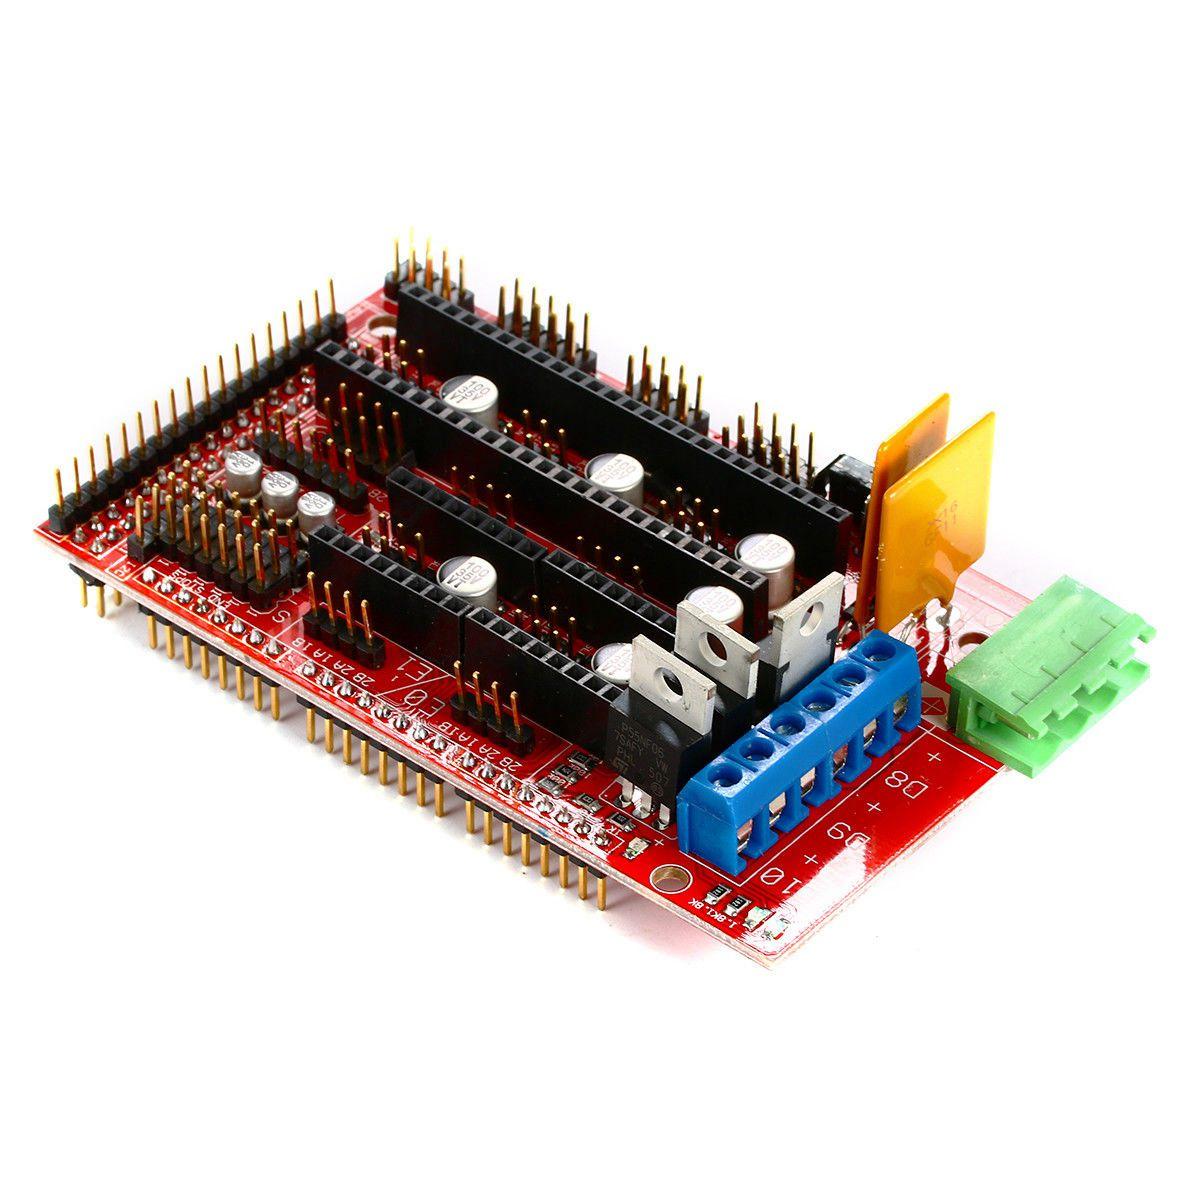 Kit imprimante 3D, rampes 1.4 + Mega 2560 + MK2B Heatbed + contrôleur I3 Suit 12864 - 6